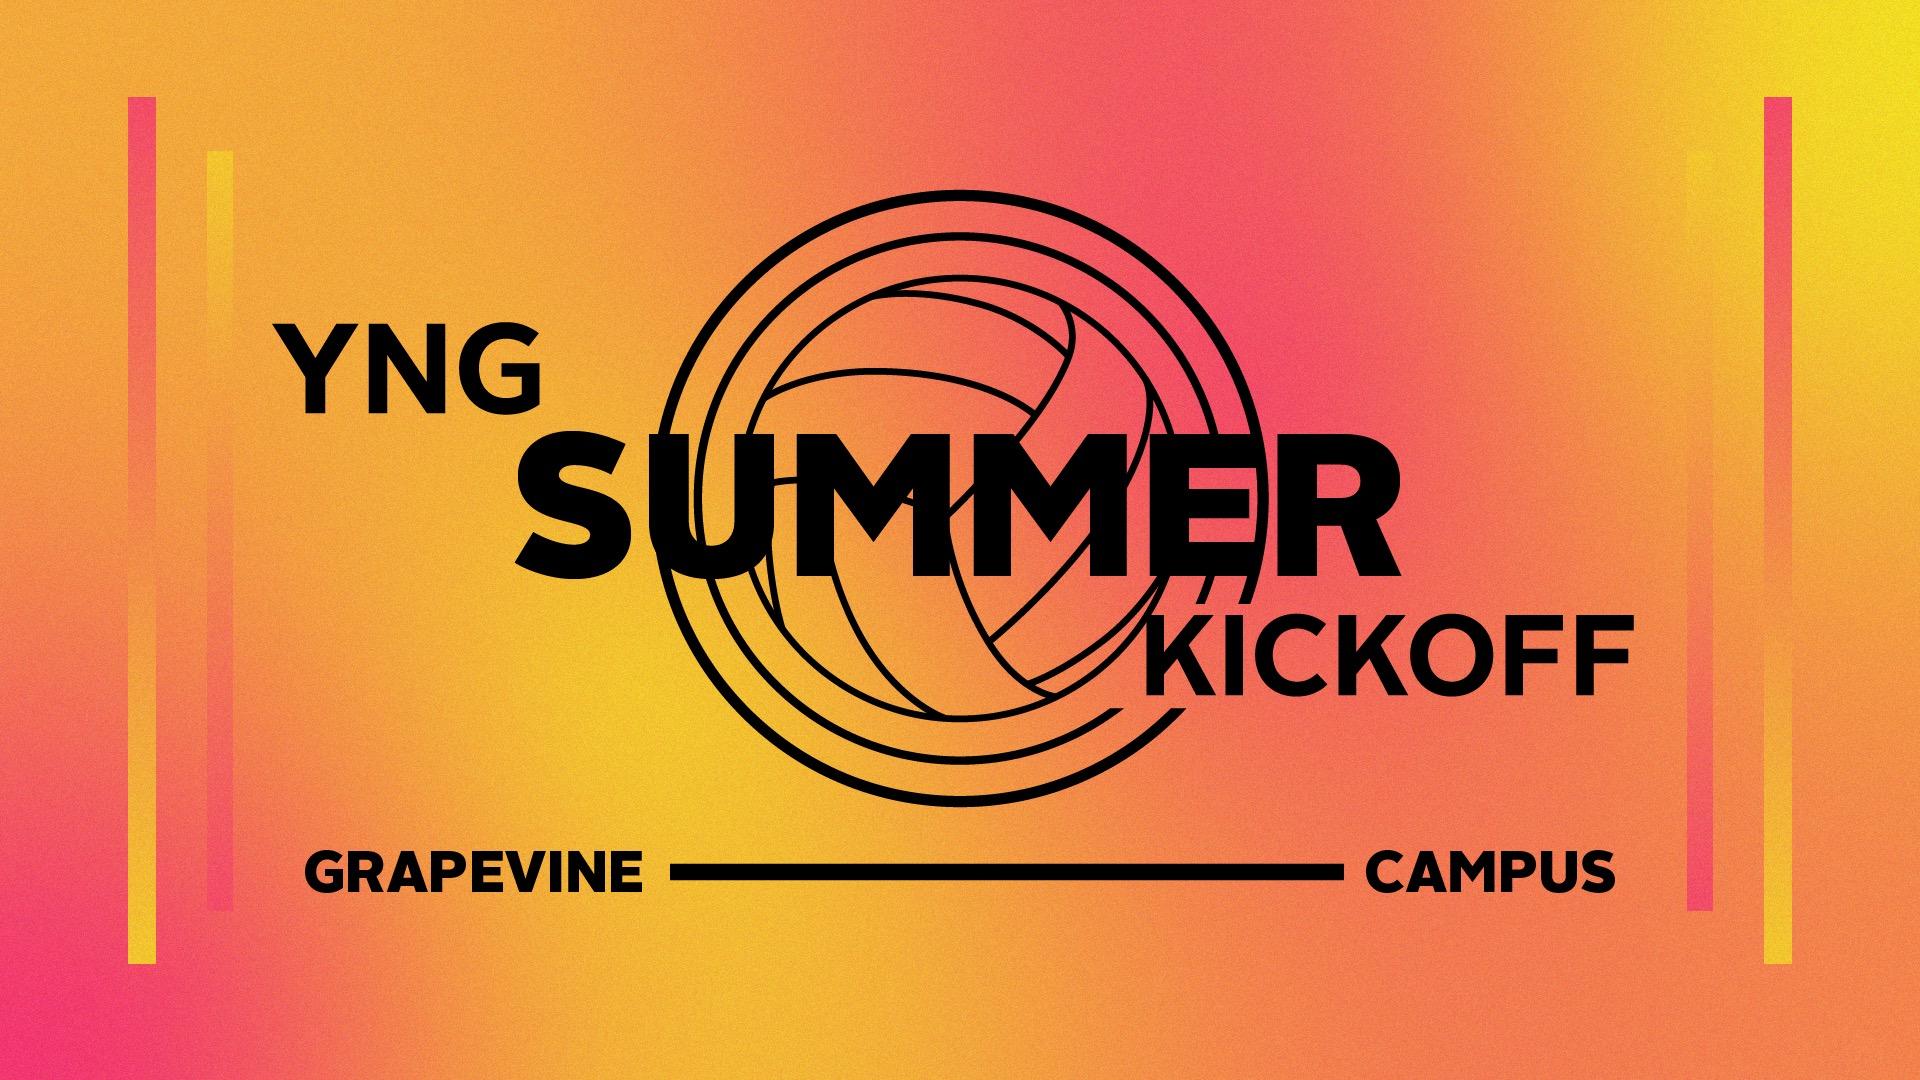 YNG Summer Kickoff